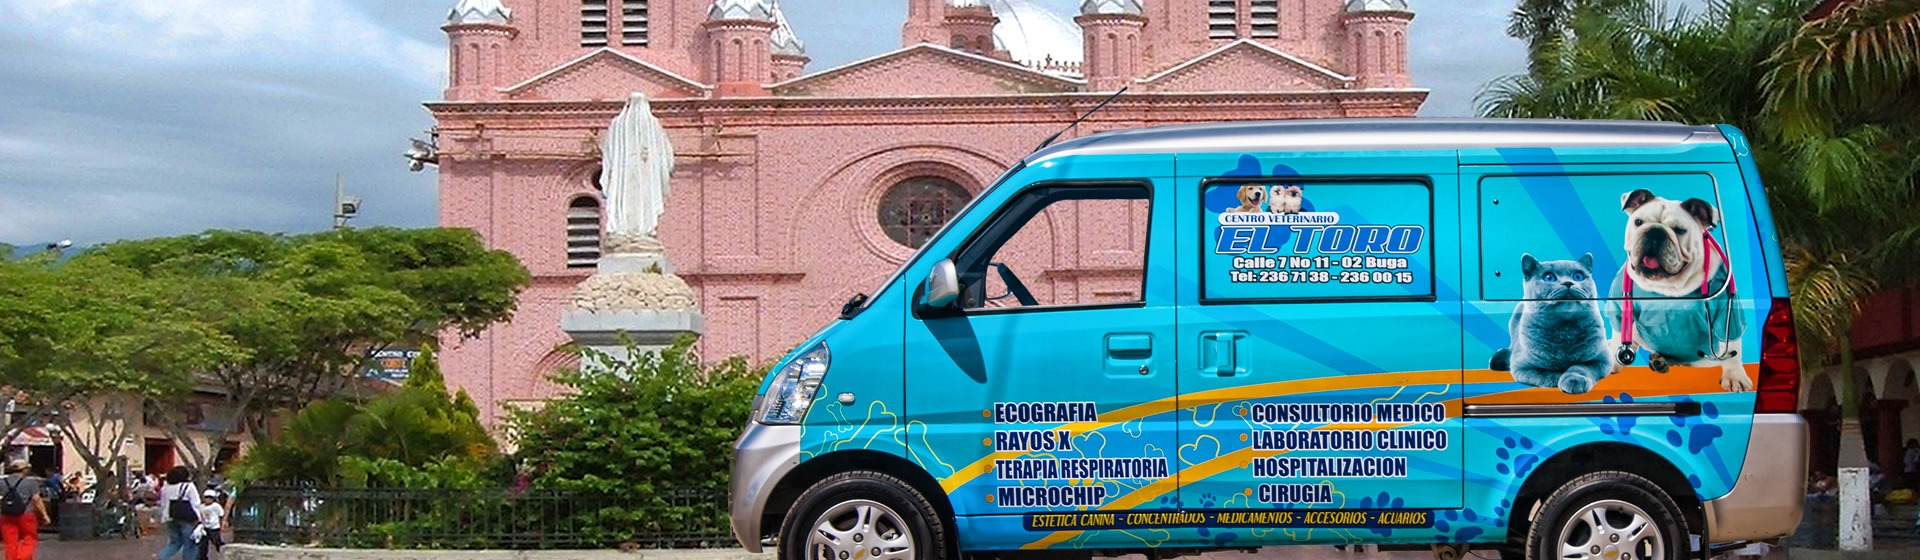 slider-B-vehiculo-domicilios-basilica-del-señor-de-los-milagros-buga-y-centro-medico-veterinario-el-toro